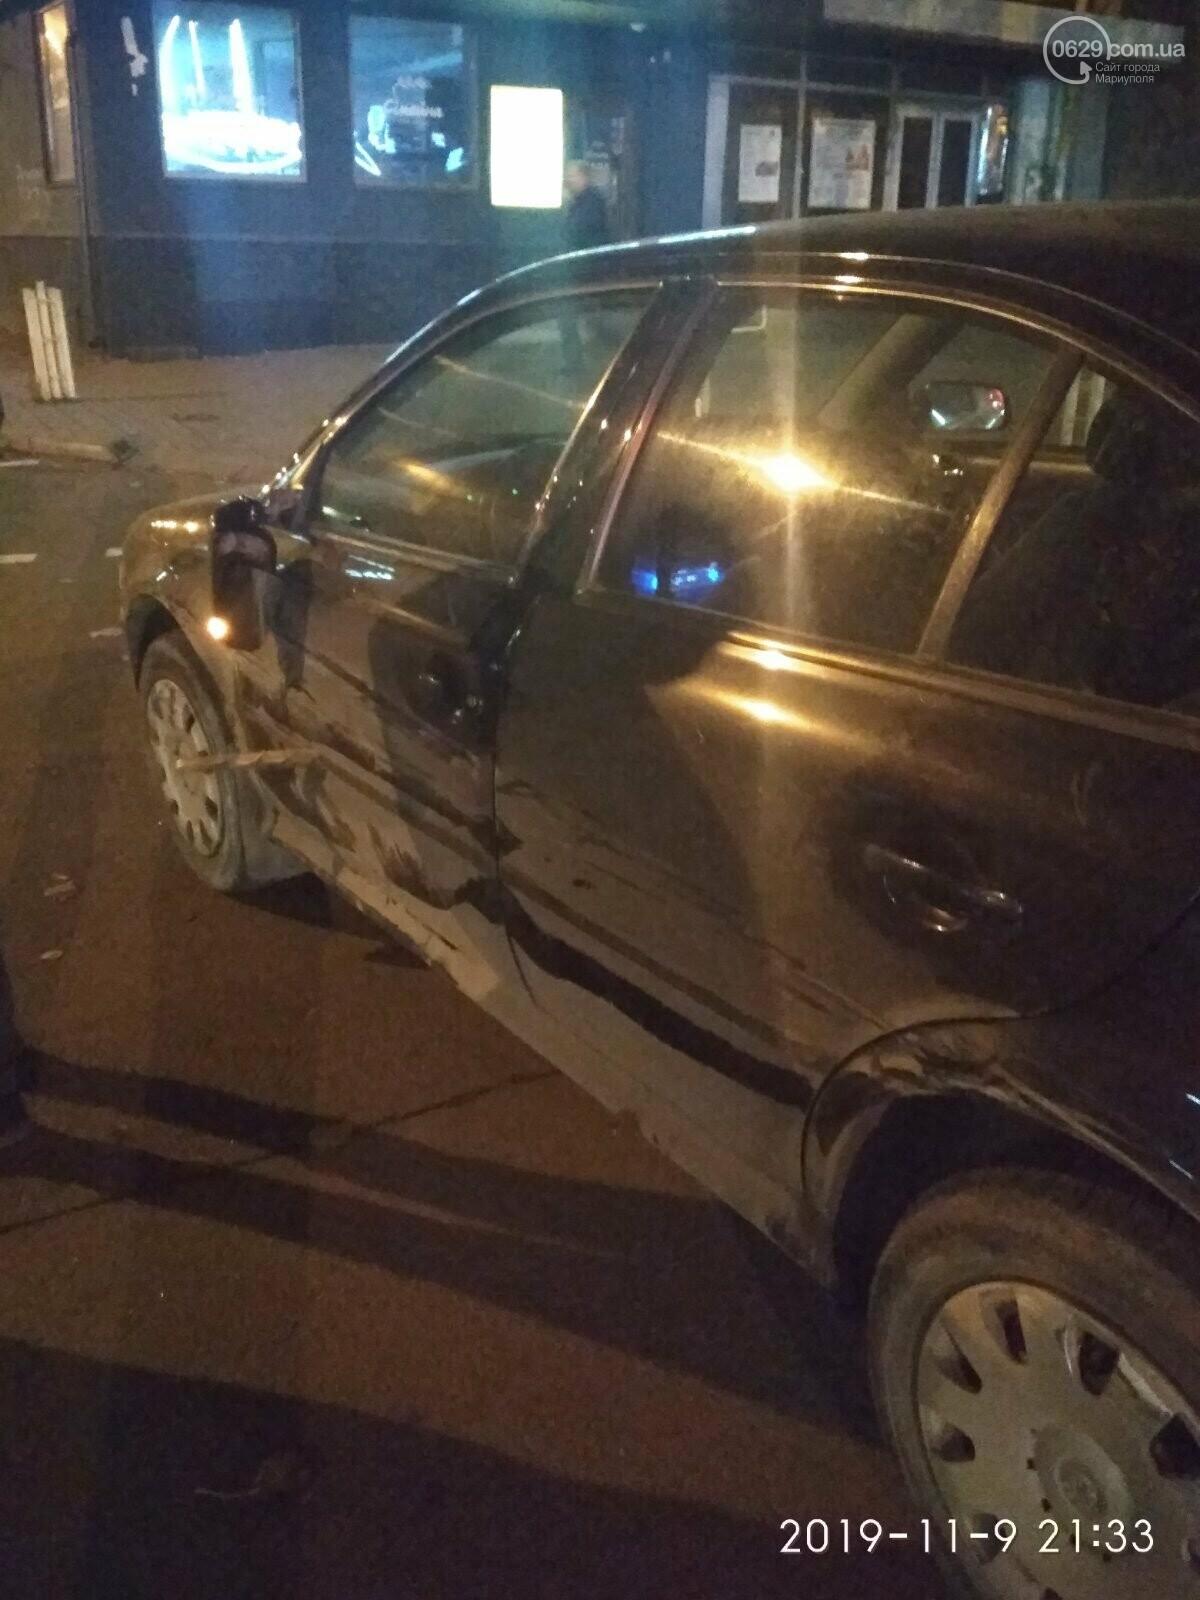 В Мариуполе вблизи Центрального рынка столкнулись два автомобиля, - ФОТО, фото-2